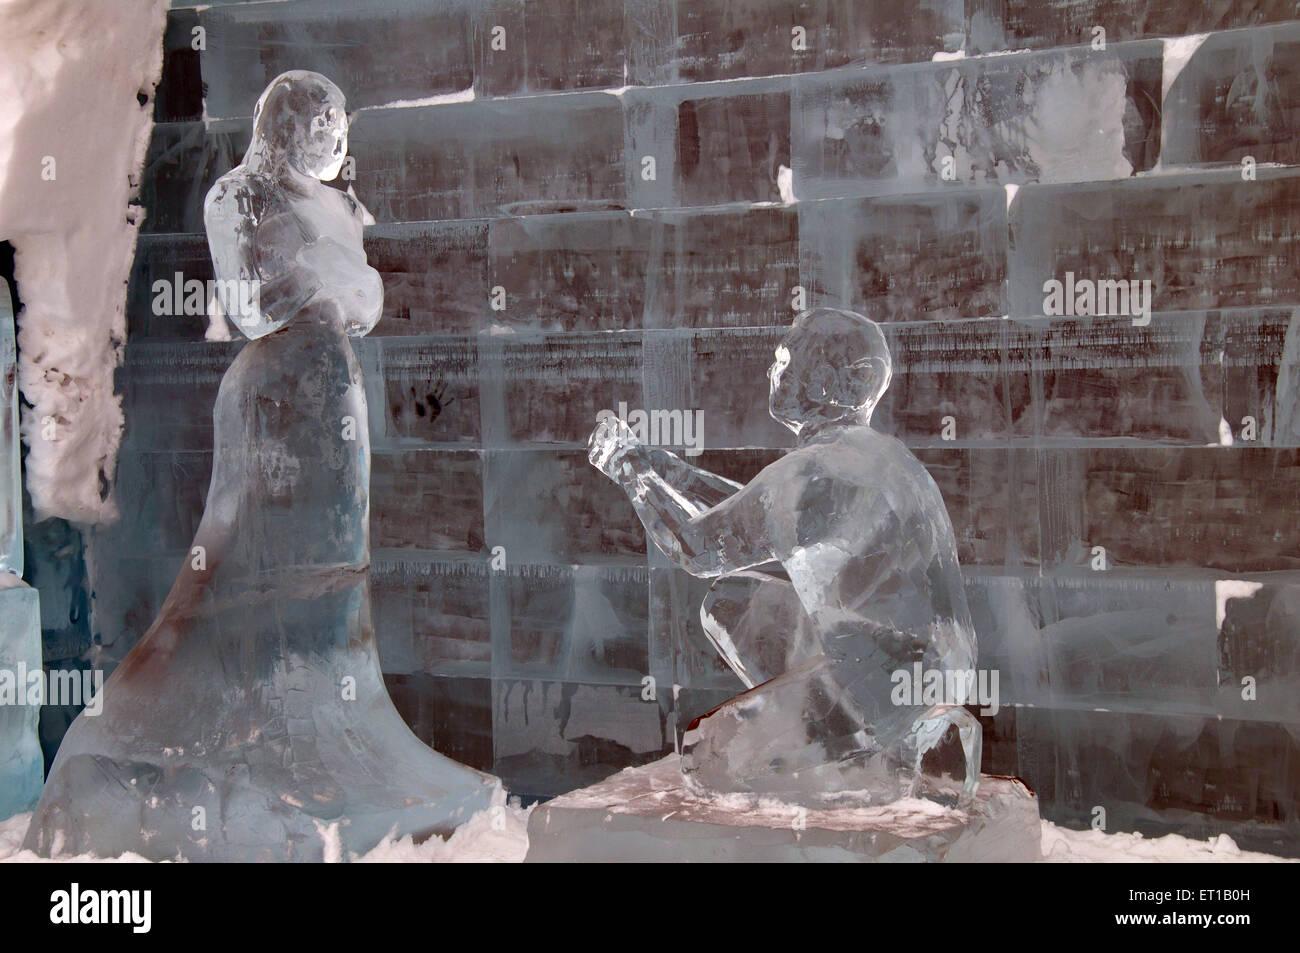 Sculptures of Ice in ice hotel Kiruna Sweden - Stock Image